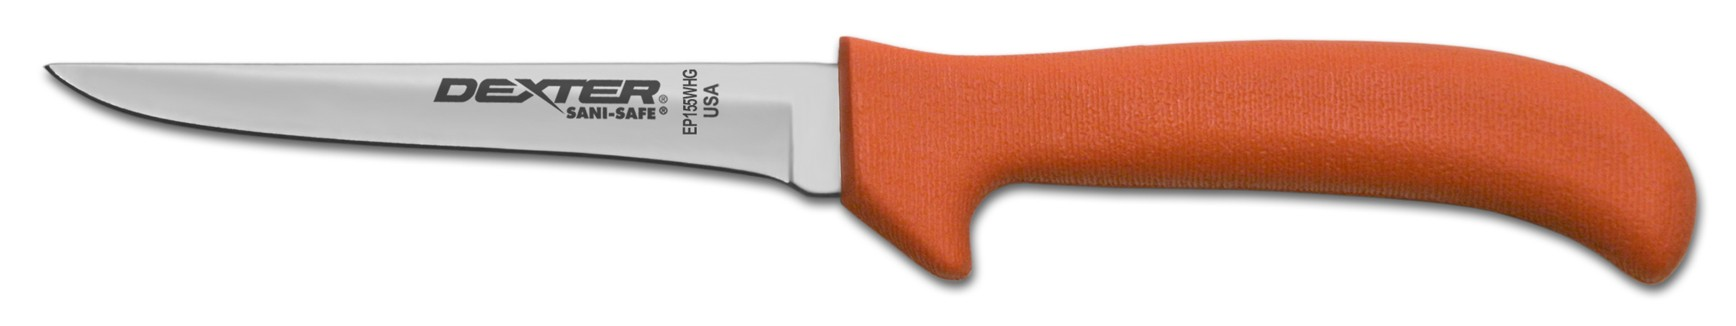 Dexter Russell 11223 deboning knife